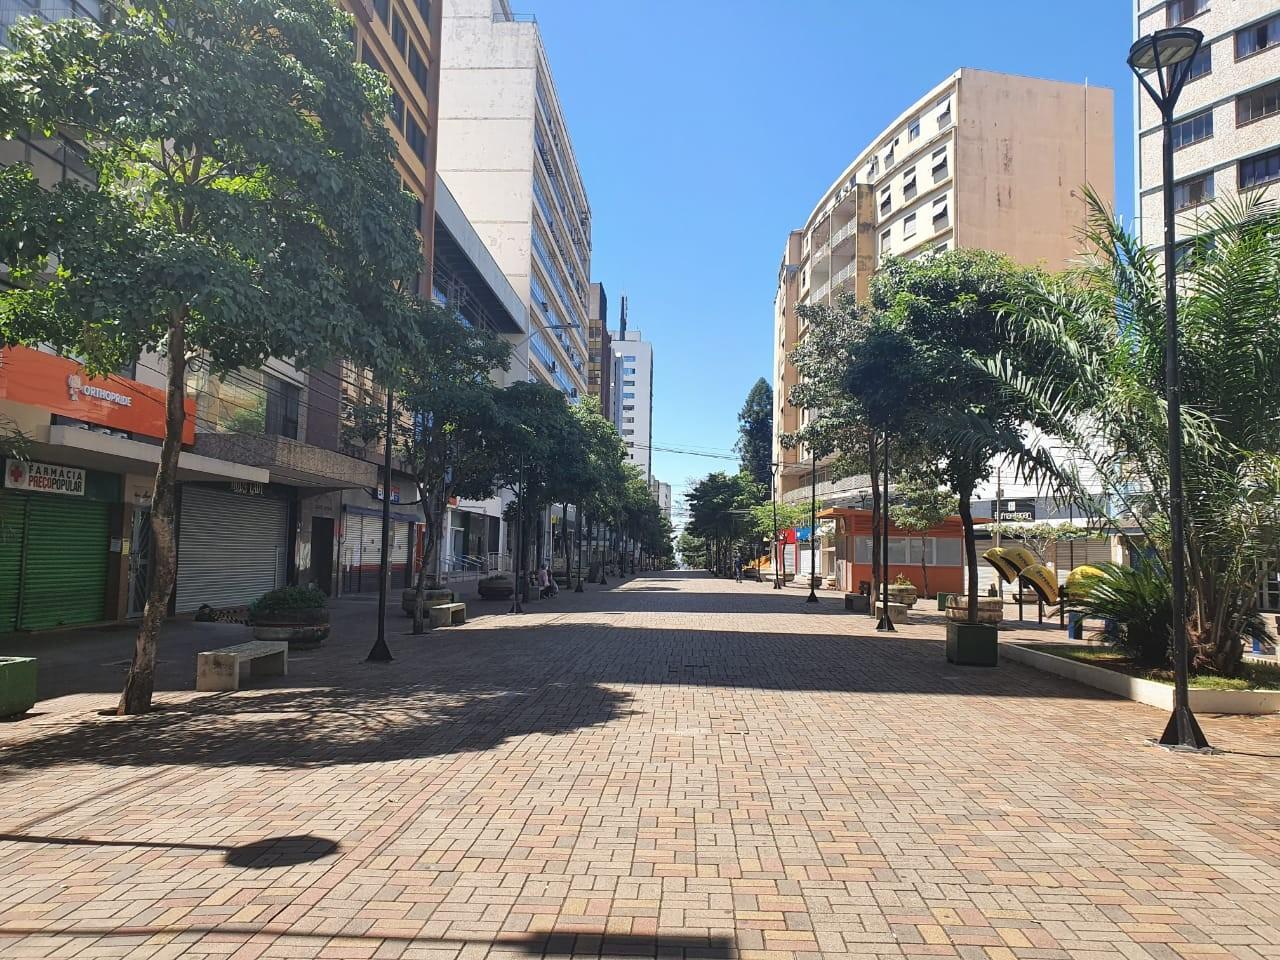 Prefeitura de Londrina altera o horário de funcionamento do comércio aos sábados